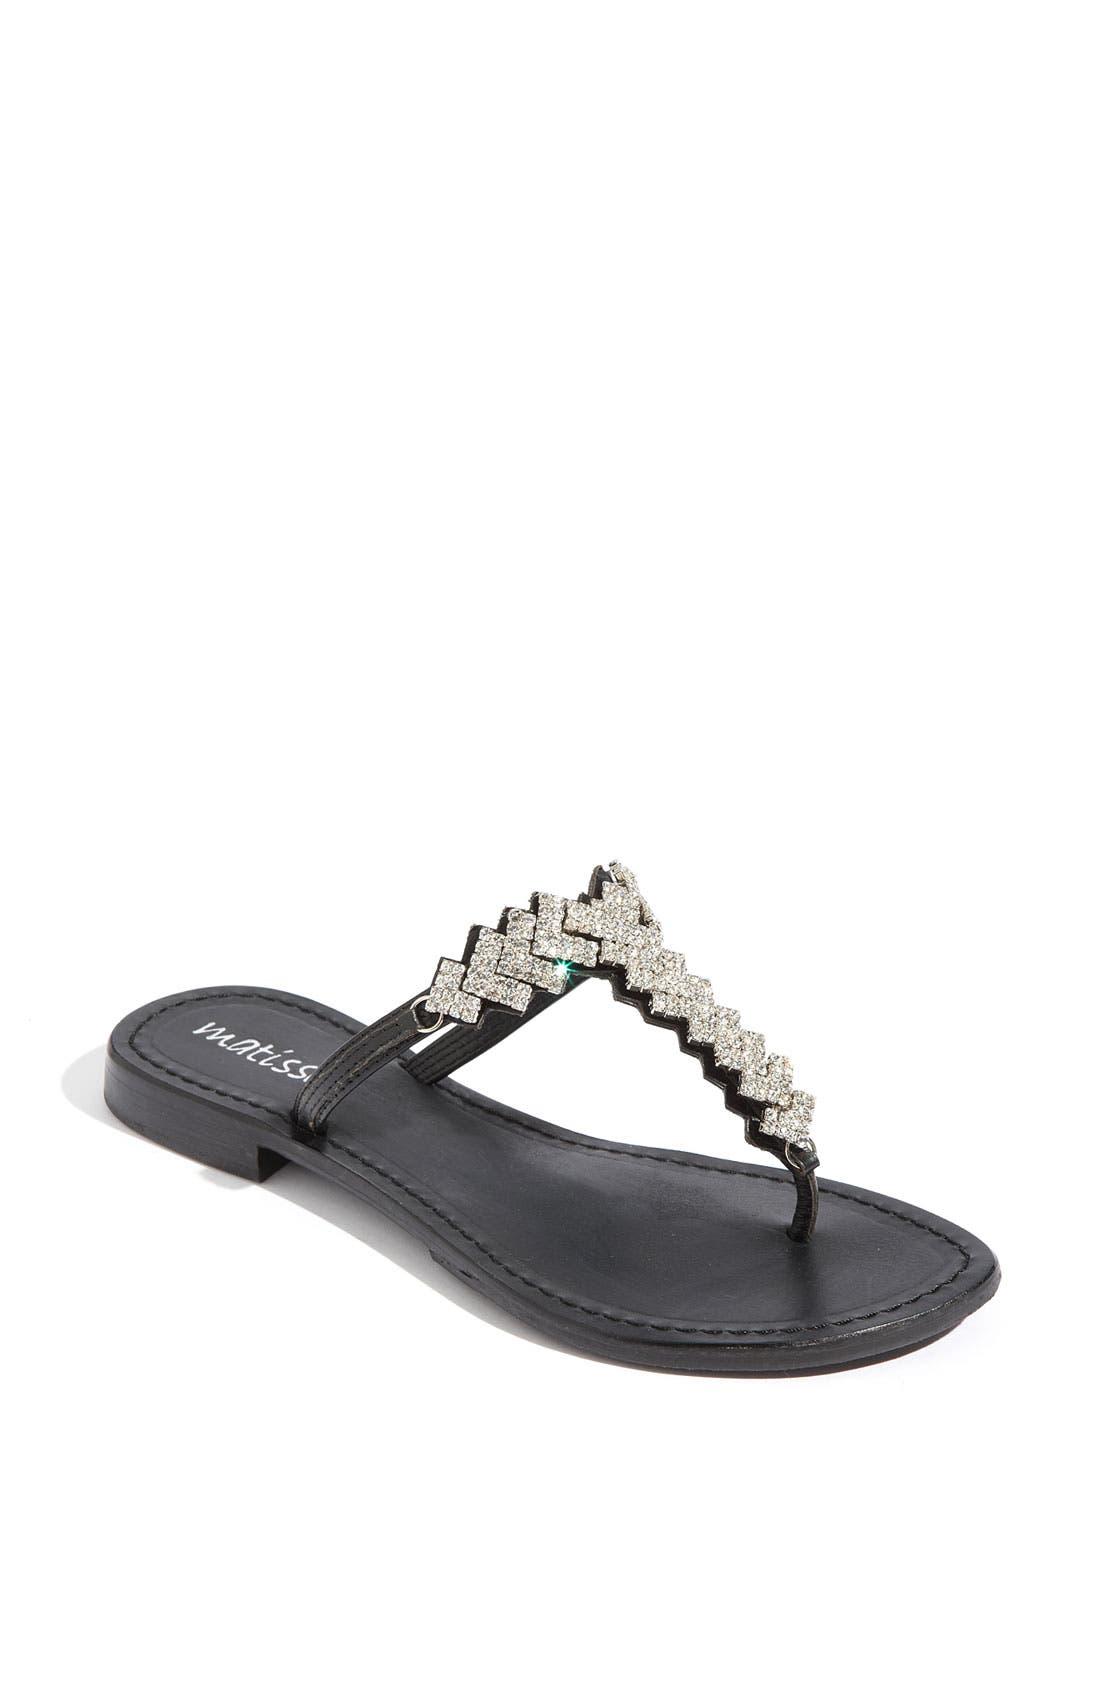 Alternate Image 1 Selected - Matisse 'Tiarra' Sandal